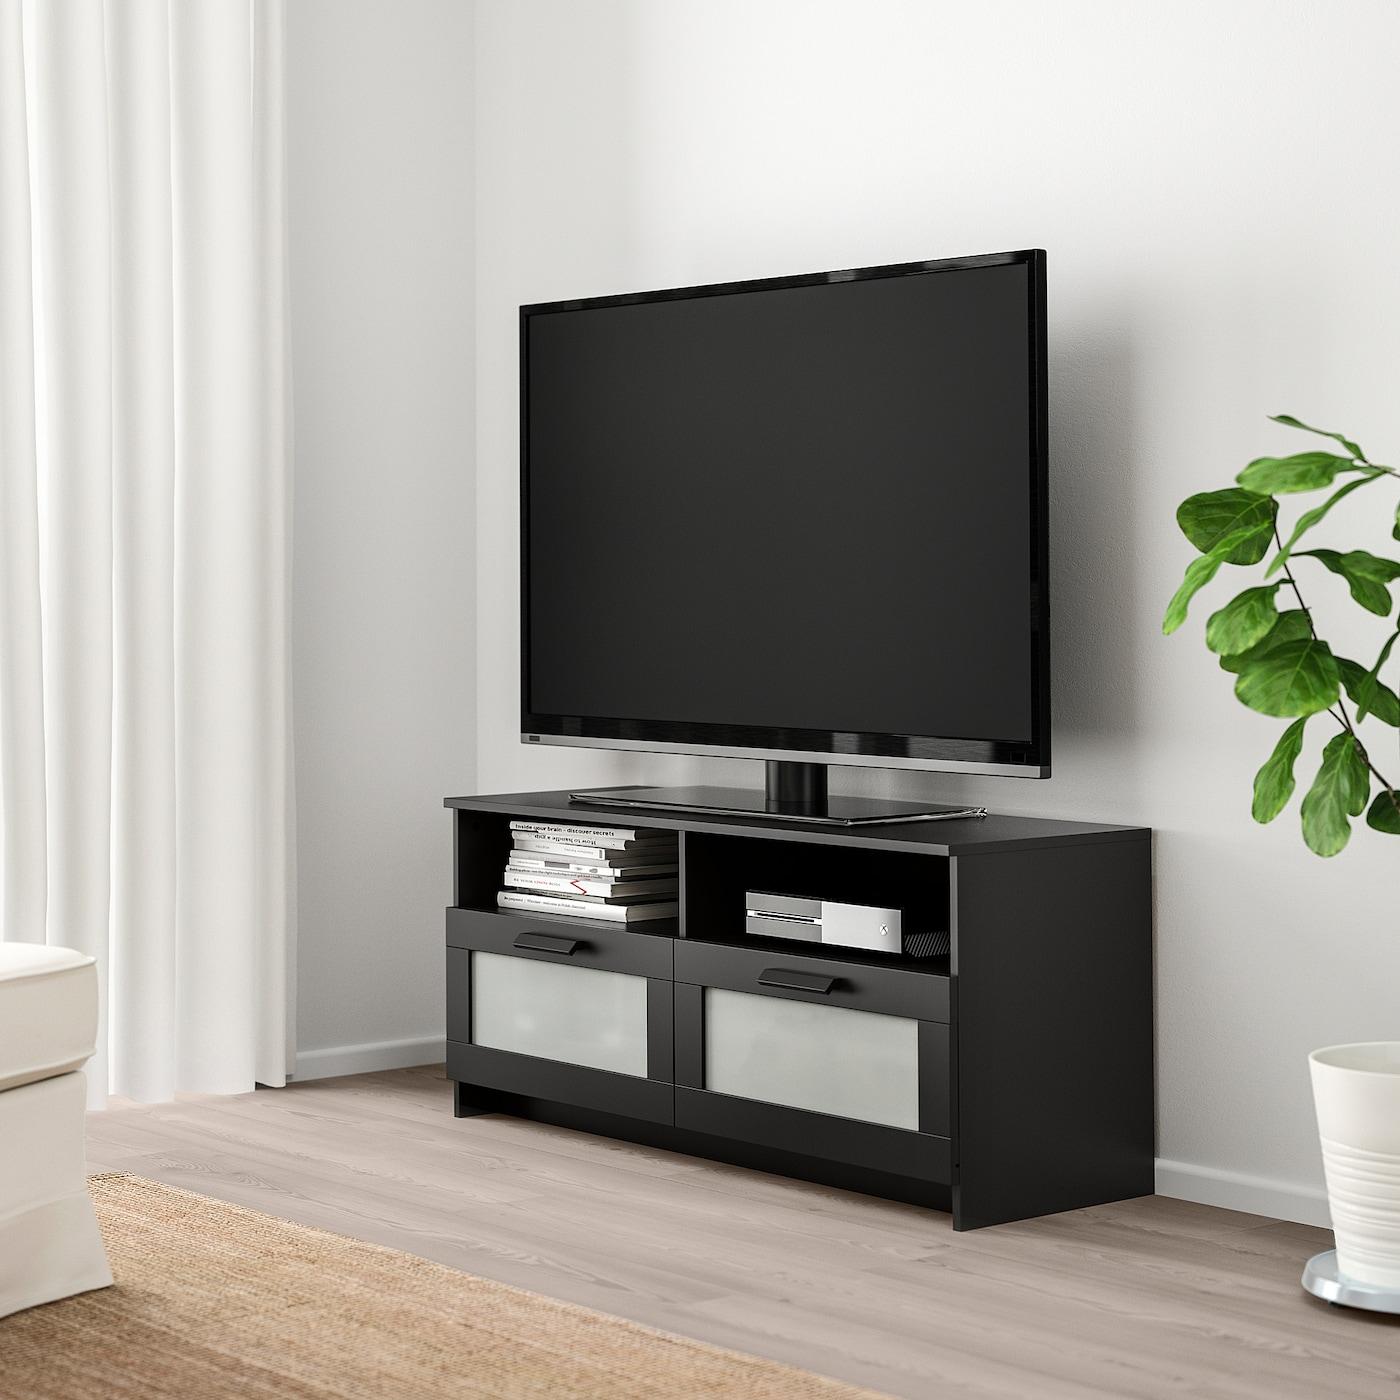 Brimnes Tv Meubel Zwart 120x41x53 Cm Ikea